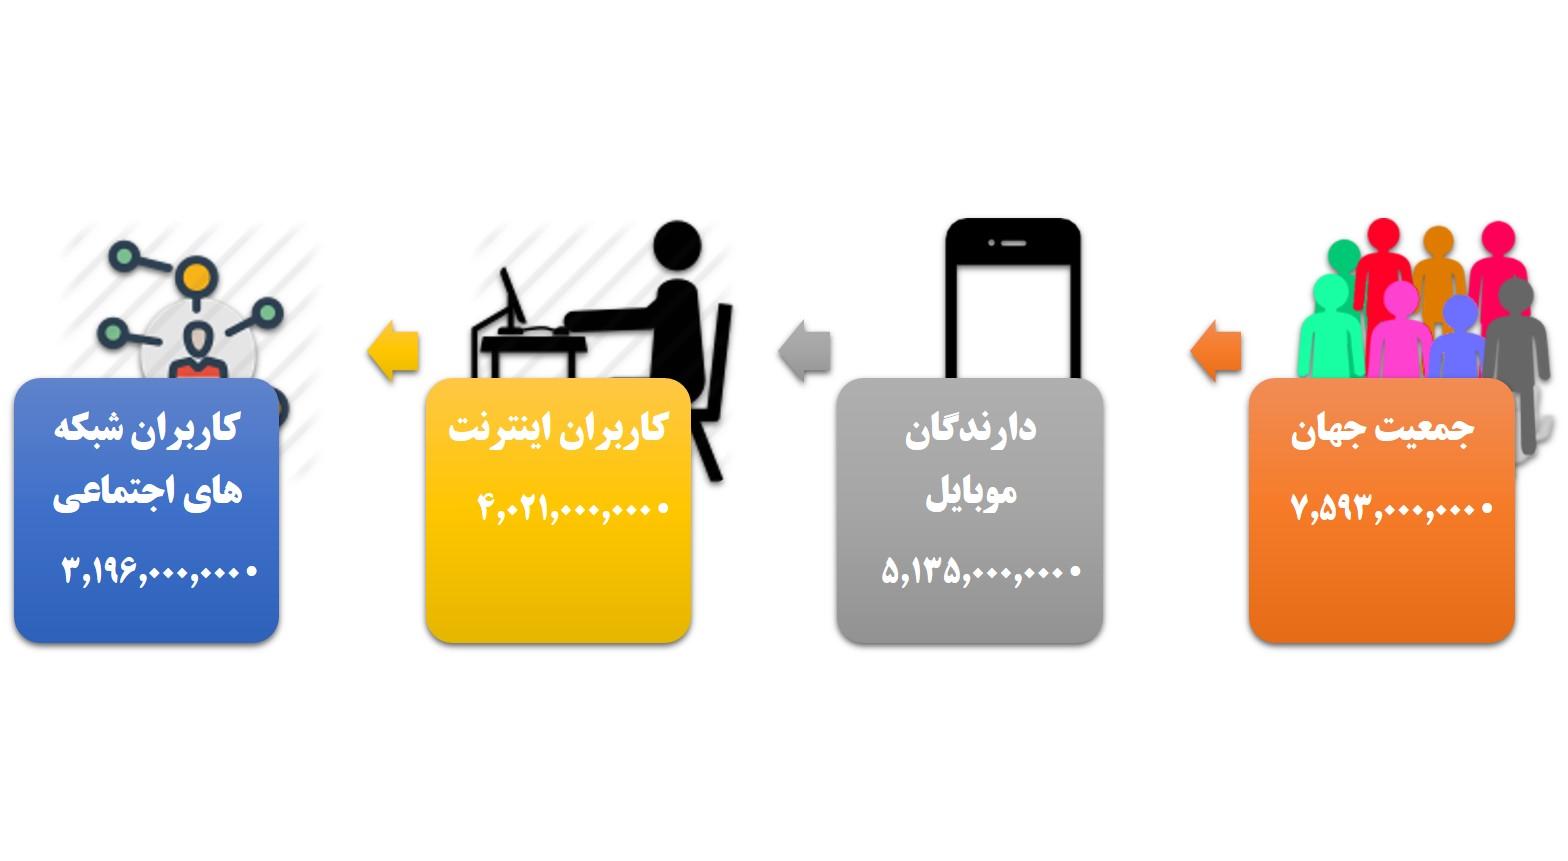 وضعیت کلی دسترسی به فضای دیجیتال در جهان